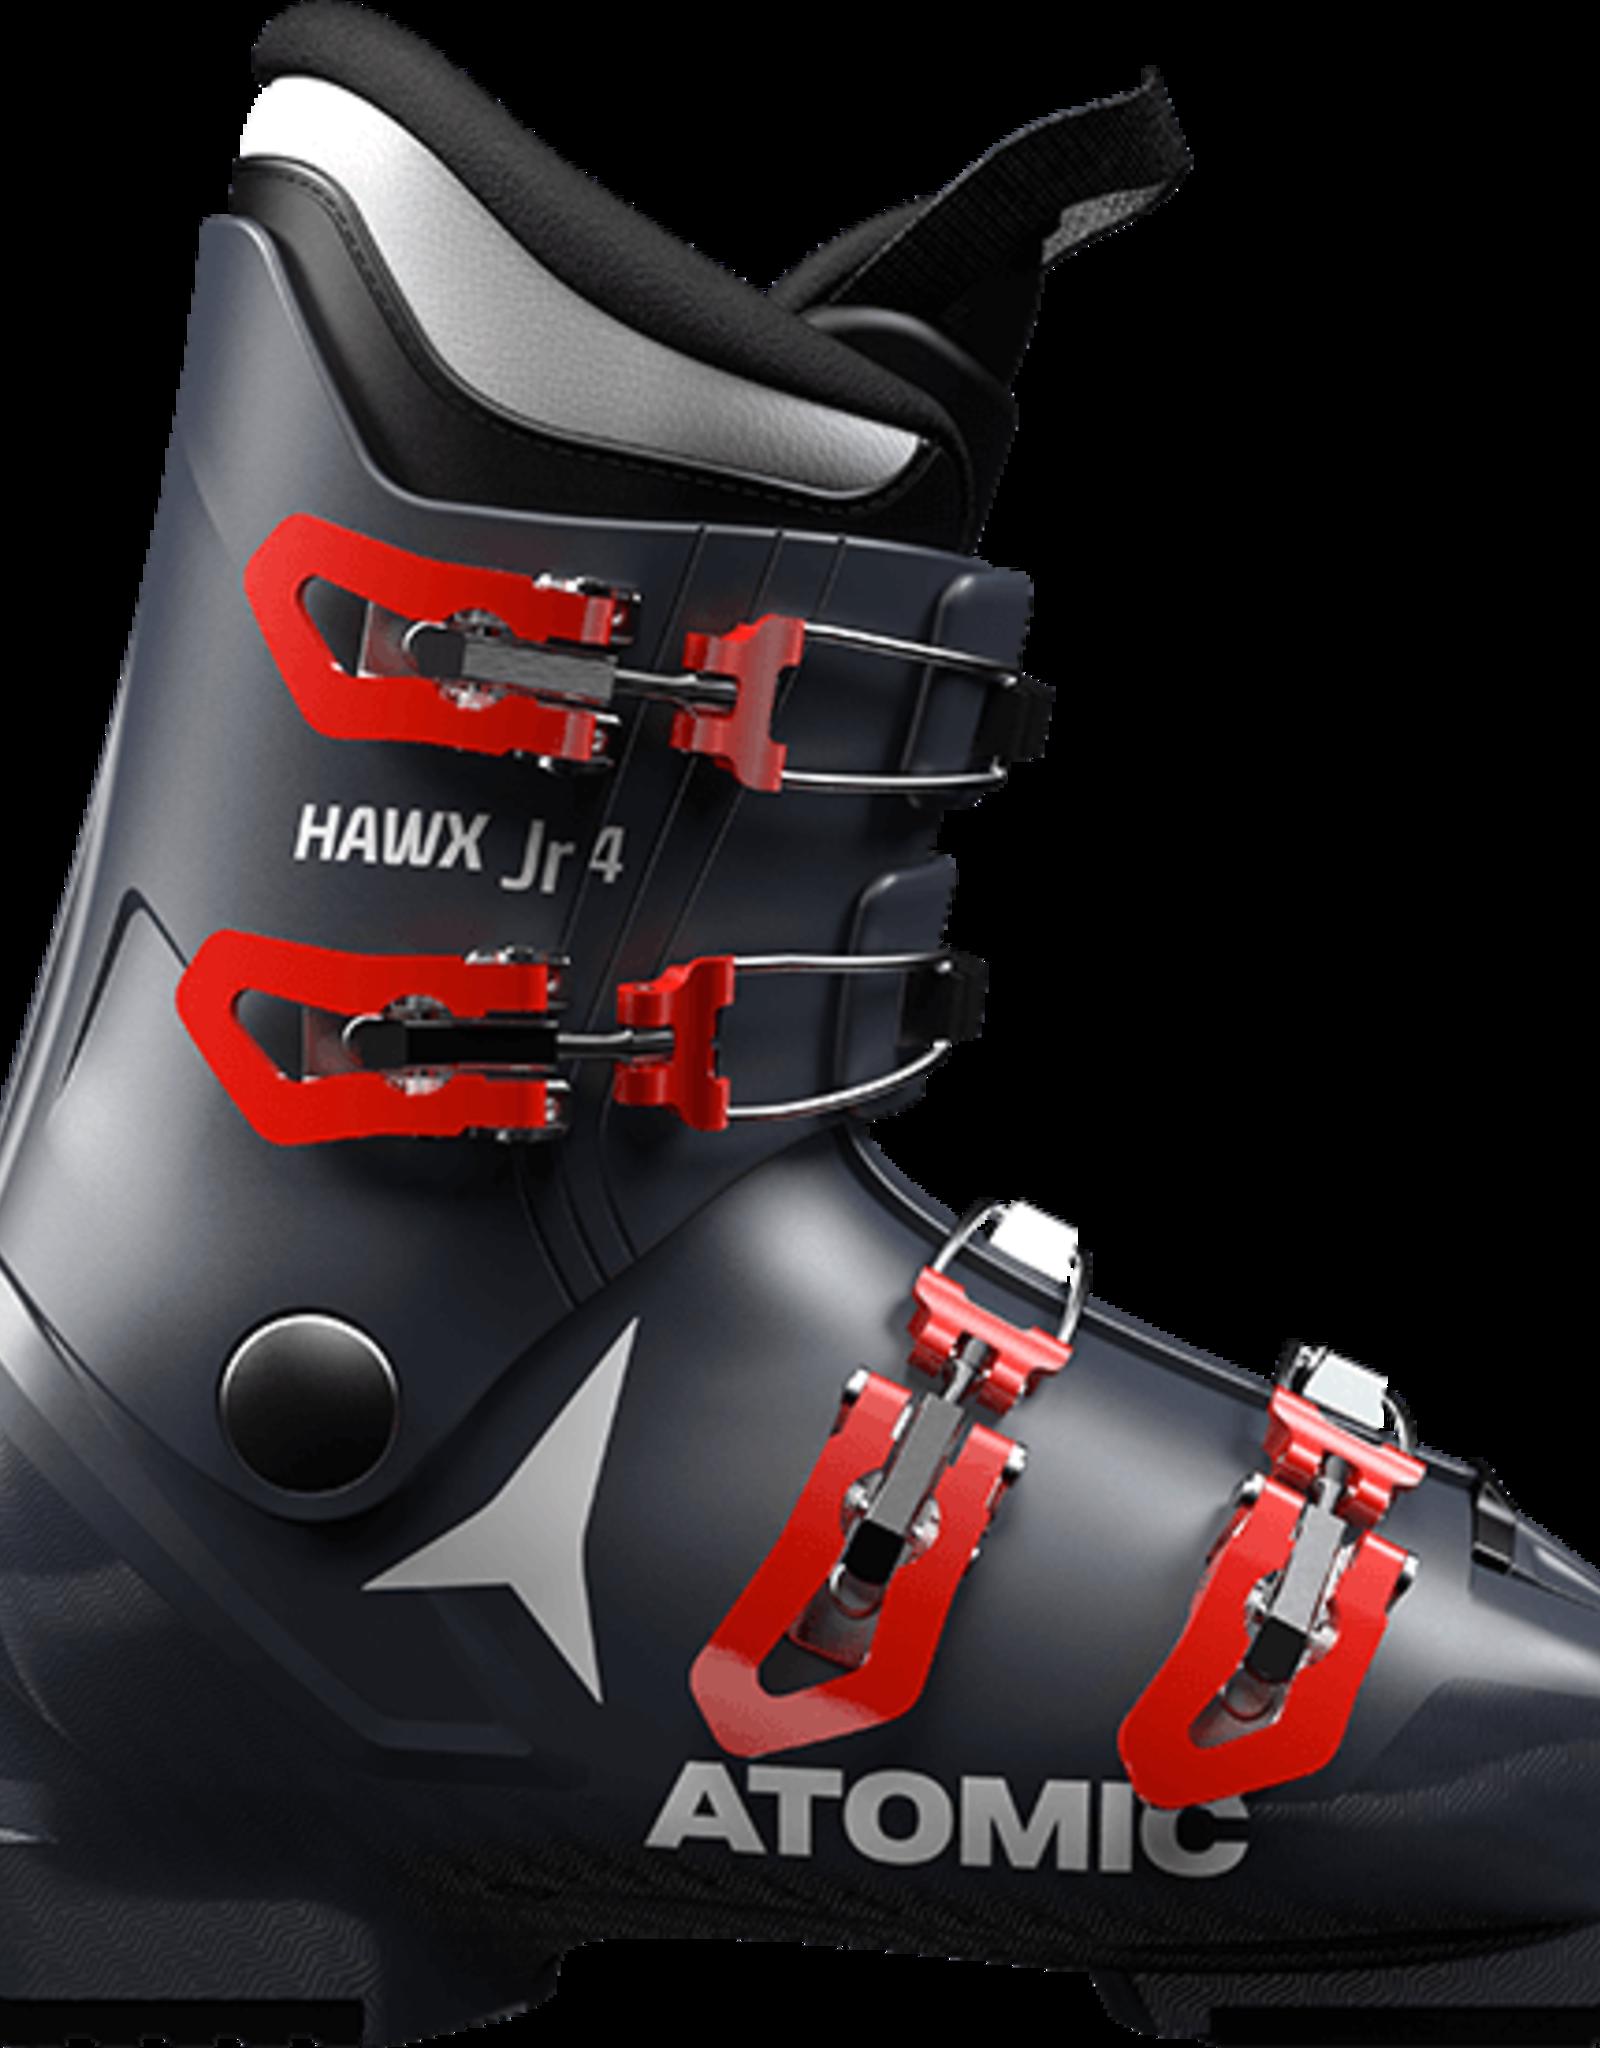 Atomic Hawx Jr 4 Dark Blue/red -W2020 24/24.5